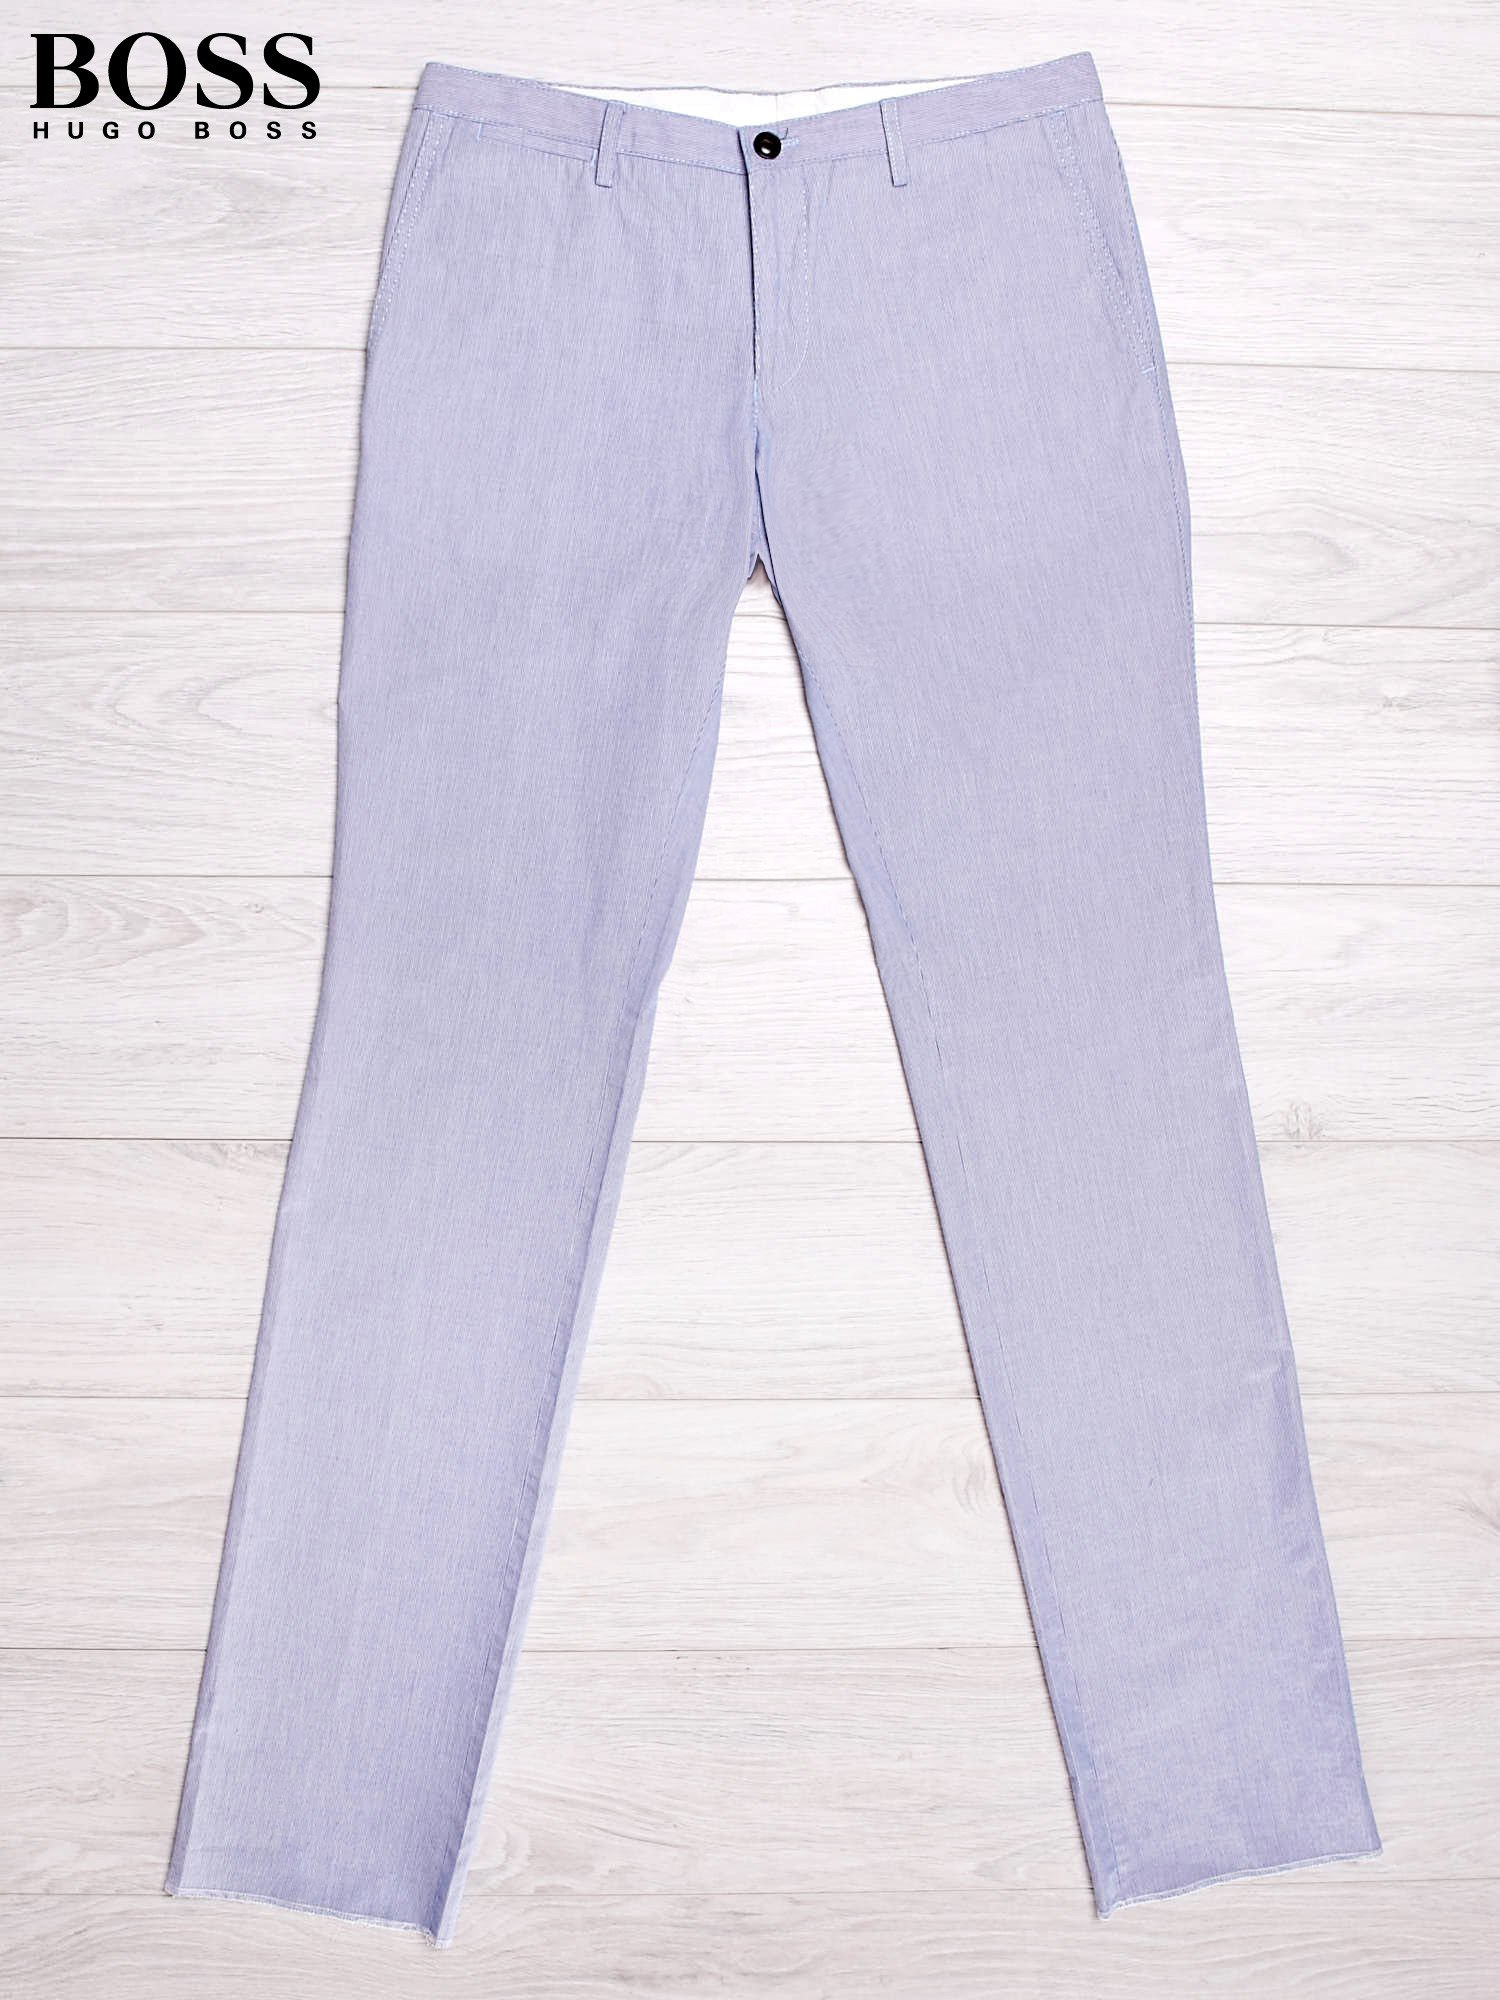 7e423814db5ad HUGO BOSS Jasnoniebieskie spodnie męskie w drobne paski - Mężczyźni ...